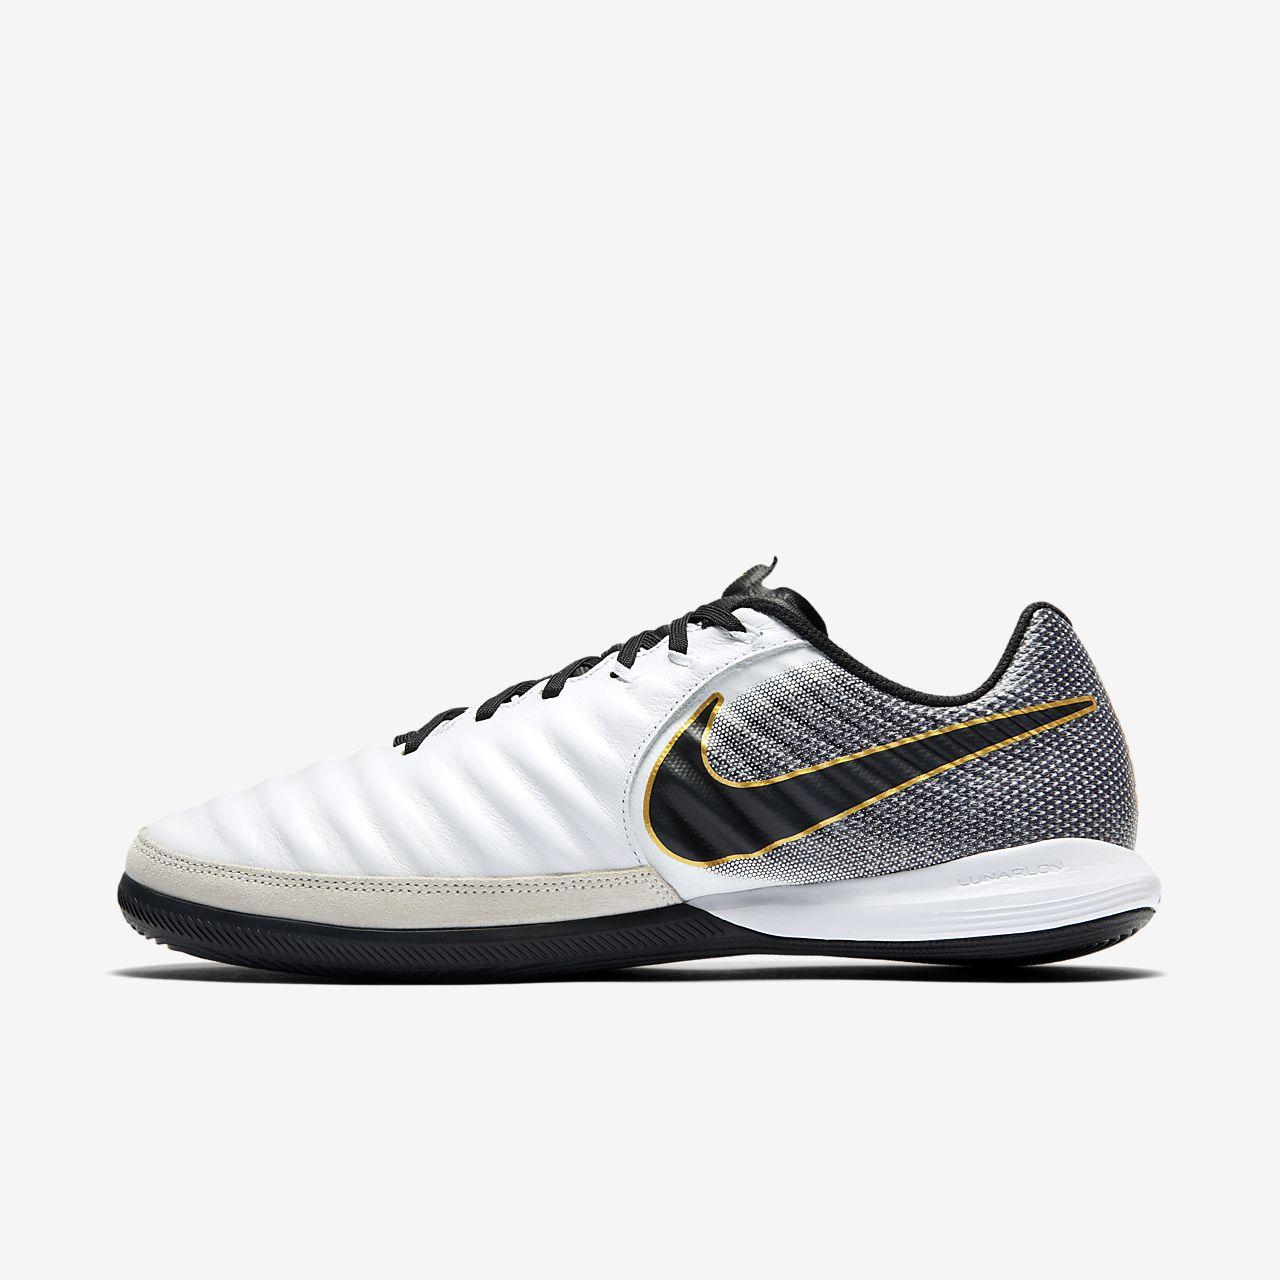 Calzado de fútbol para cancha cubierta Nike TiempoX Lunar Legend VII ... 84cc5e2b3c193